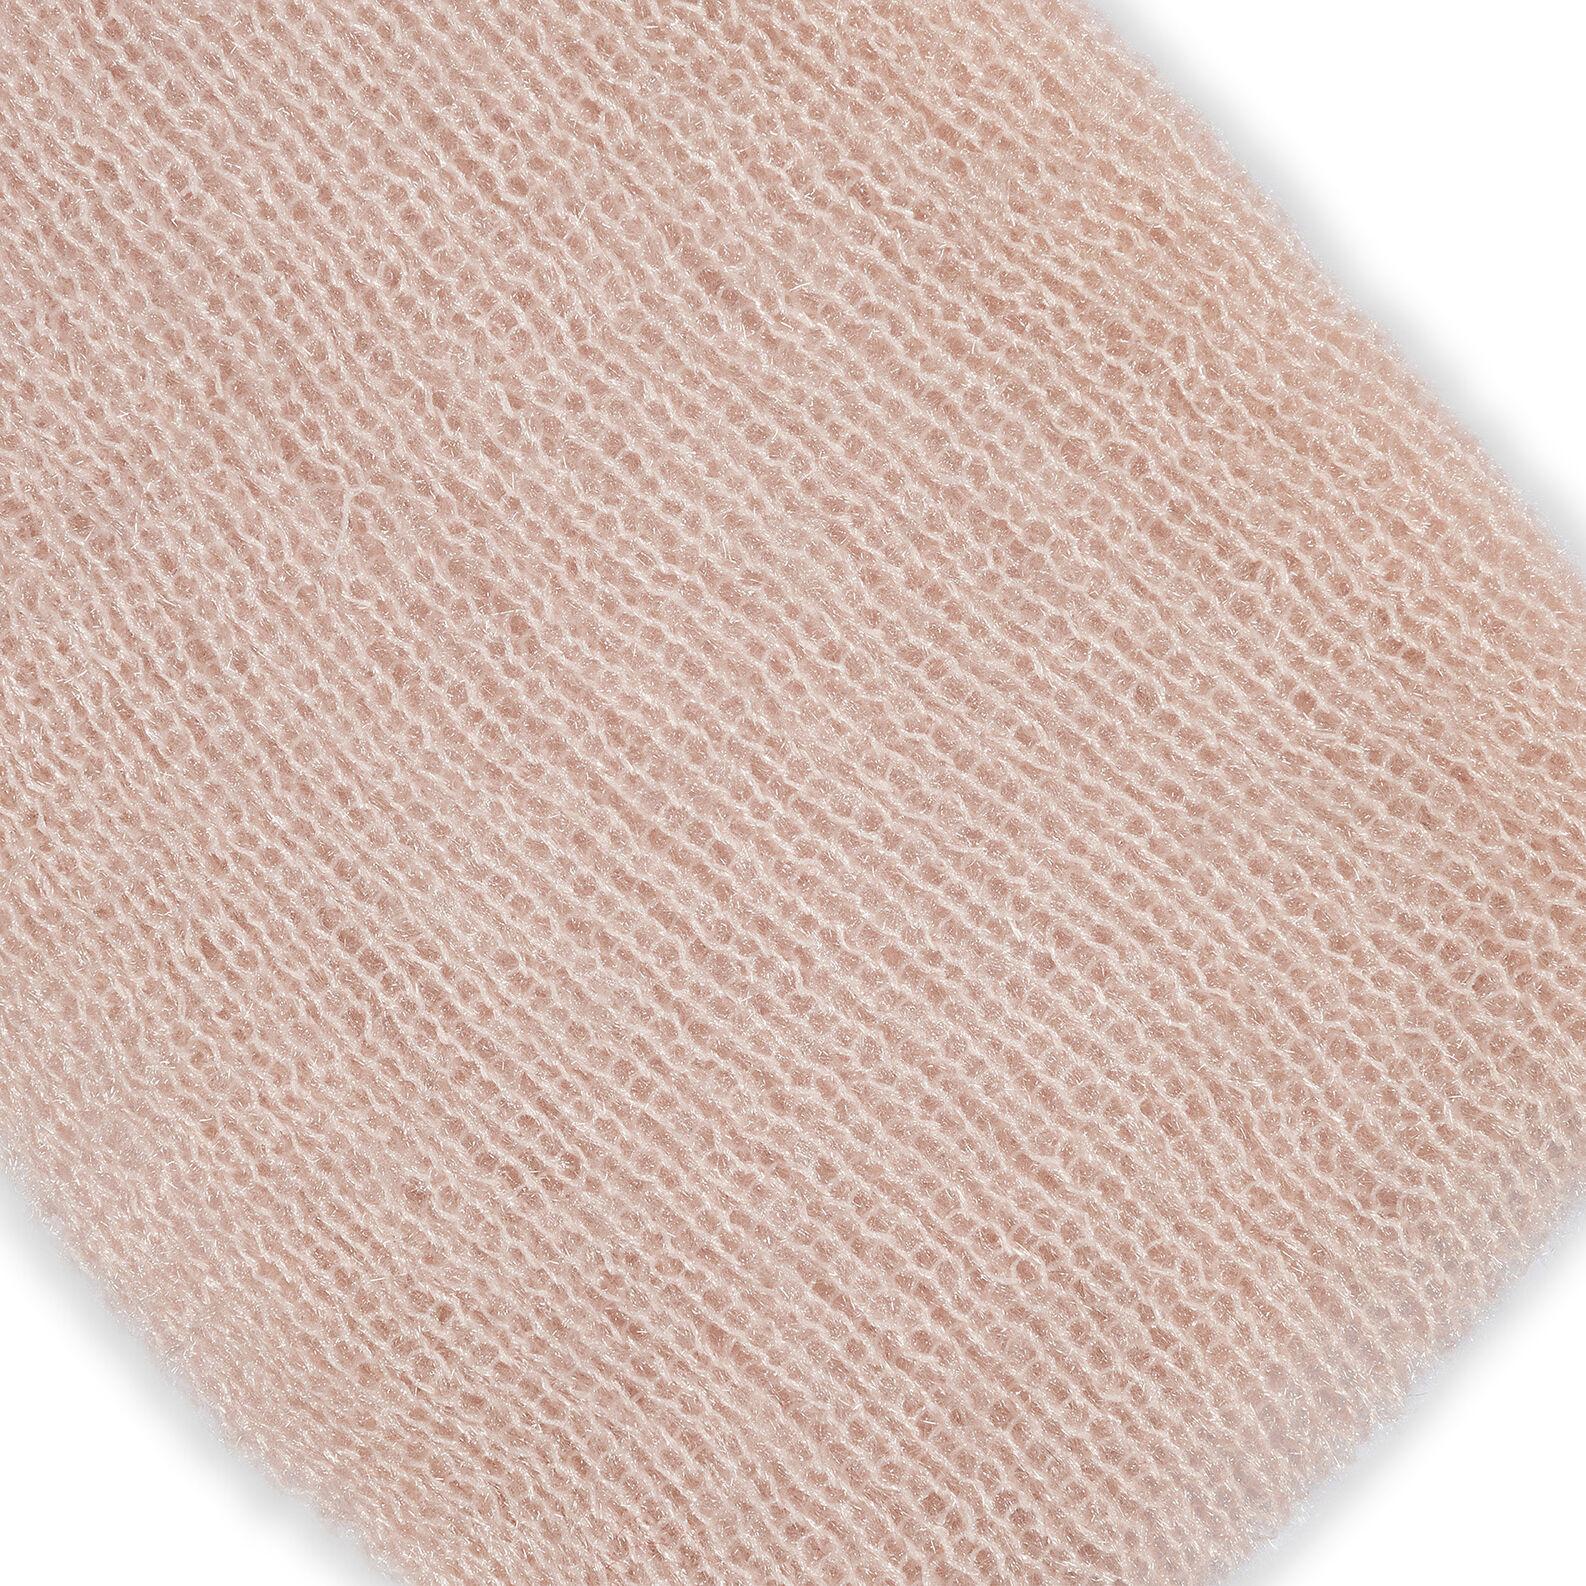 Koan solid color scarf